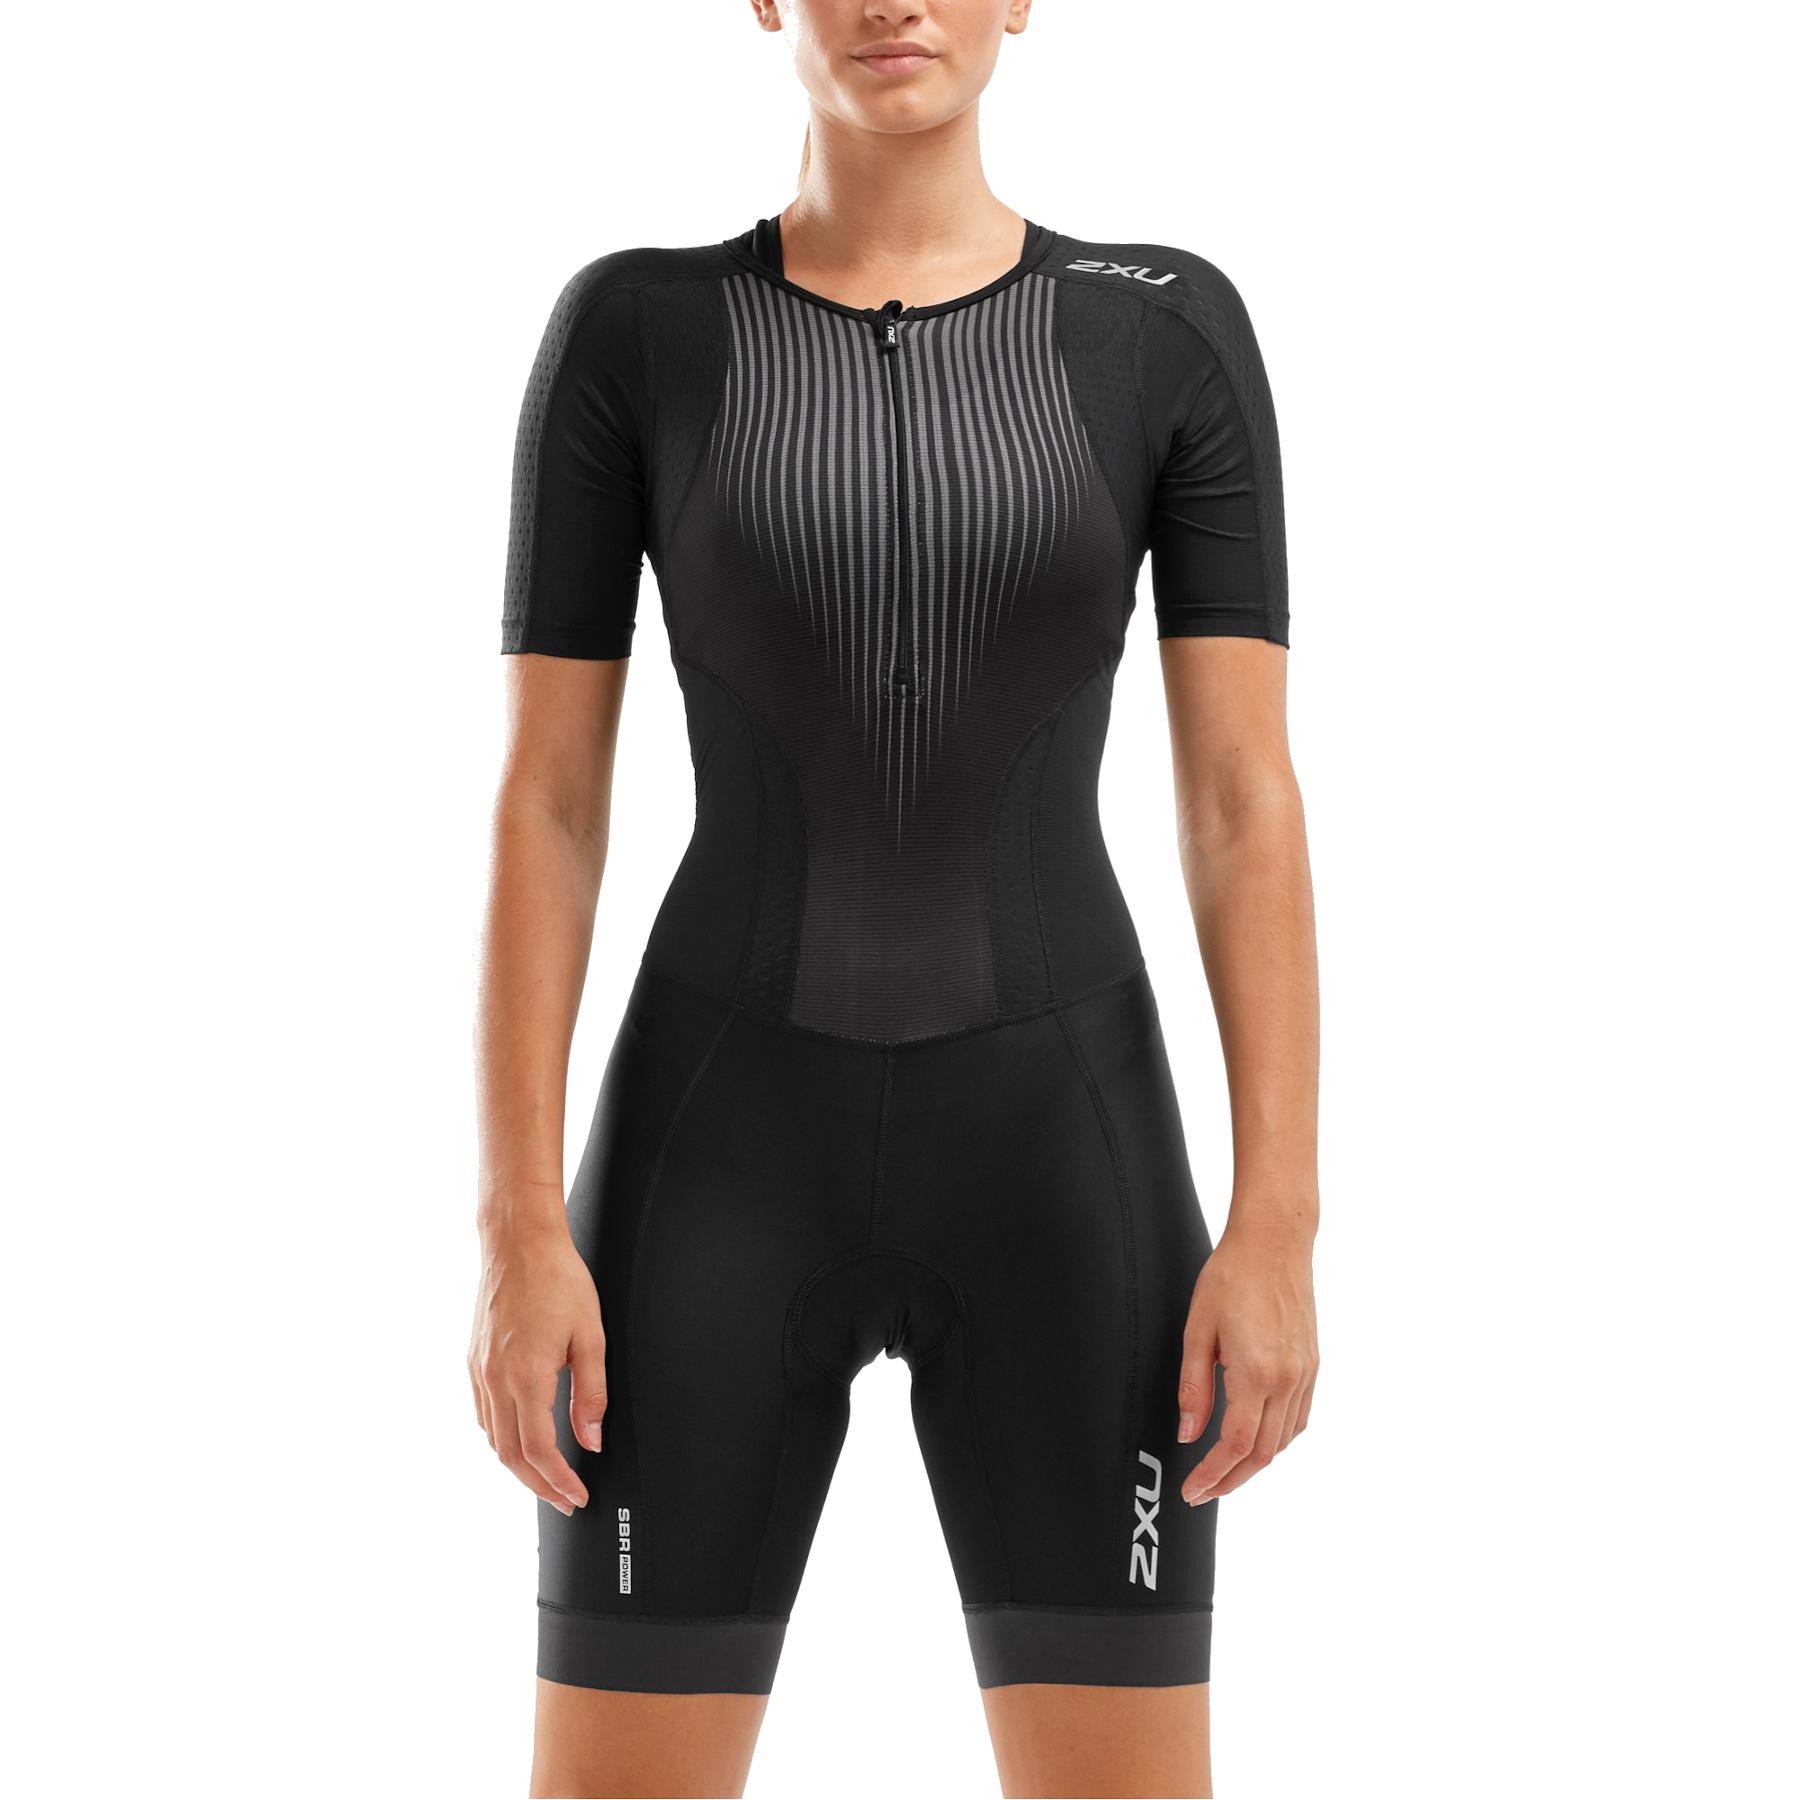 Imagen de 2XU Women's Perform Front Zip Sleeved Trisuit - black/shadow